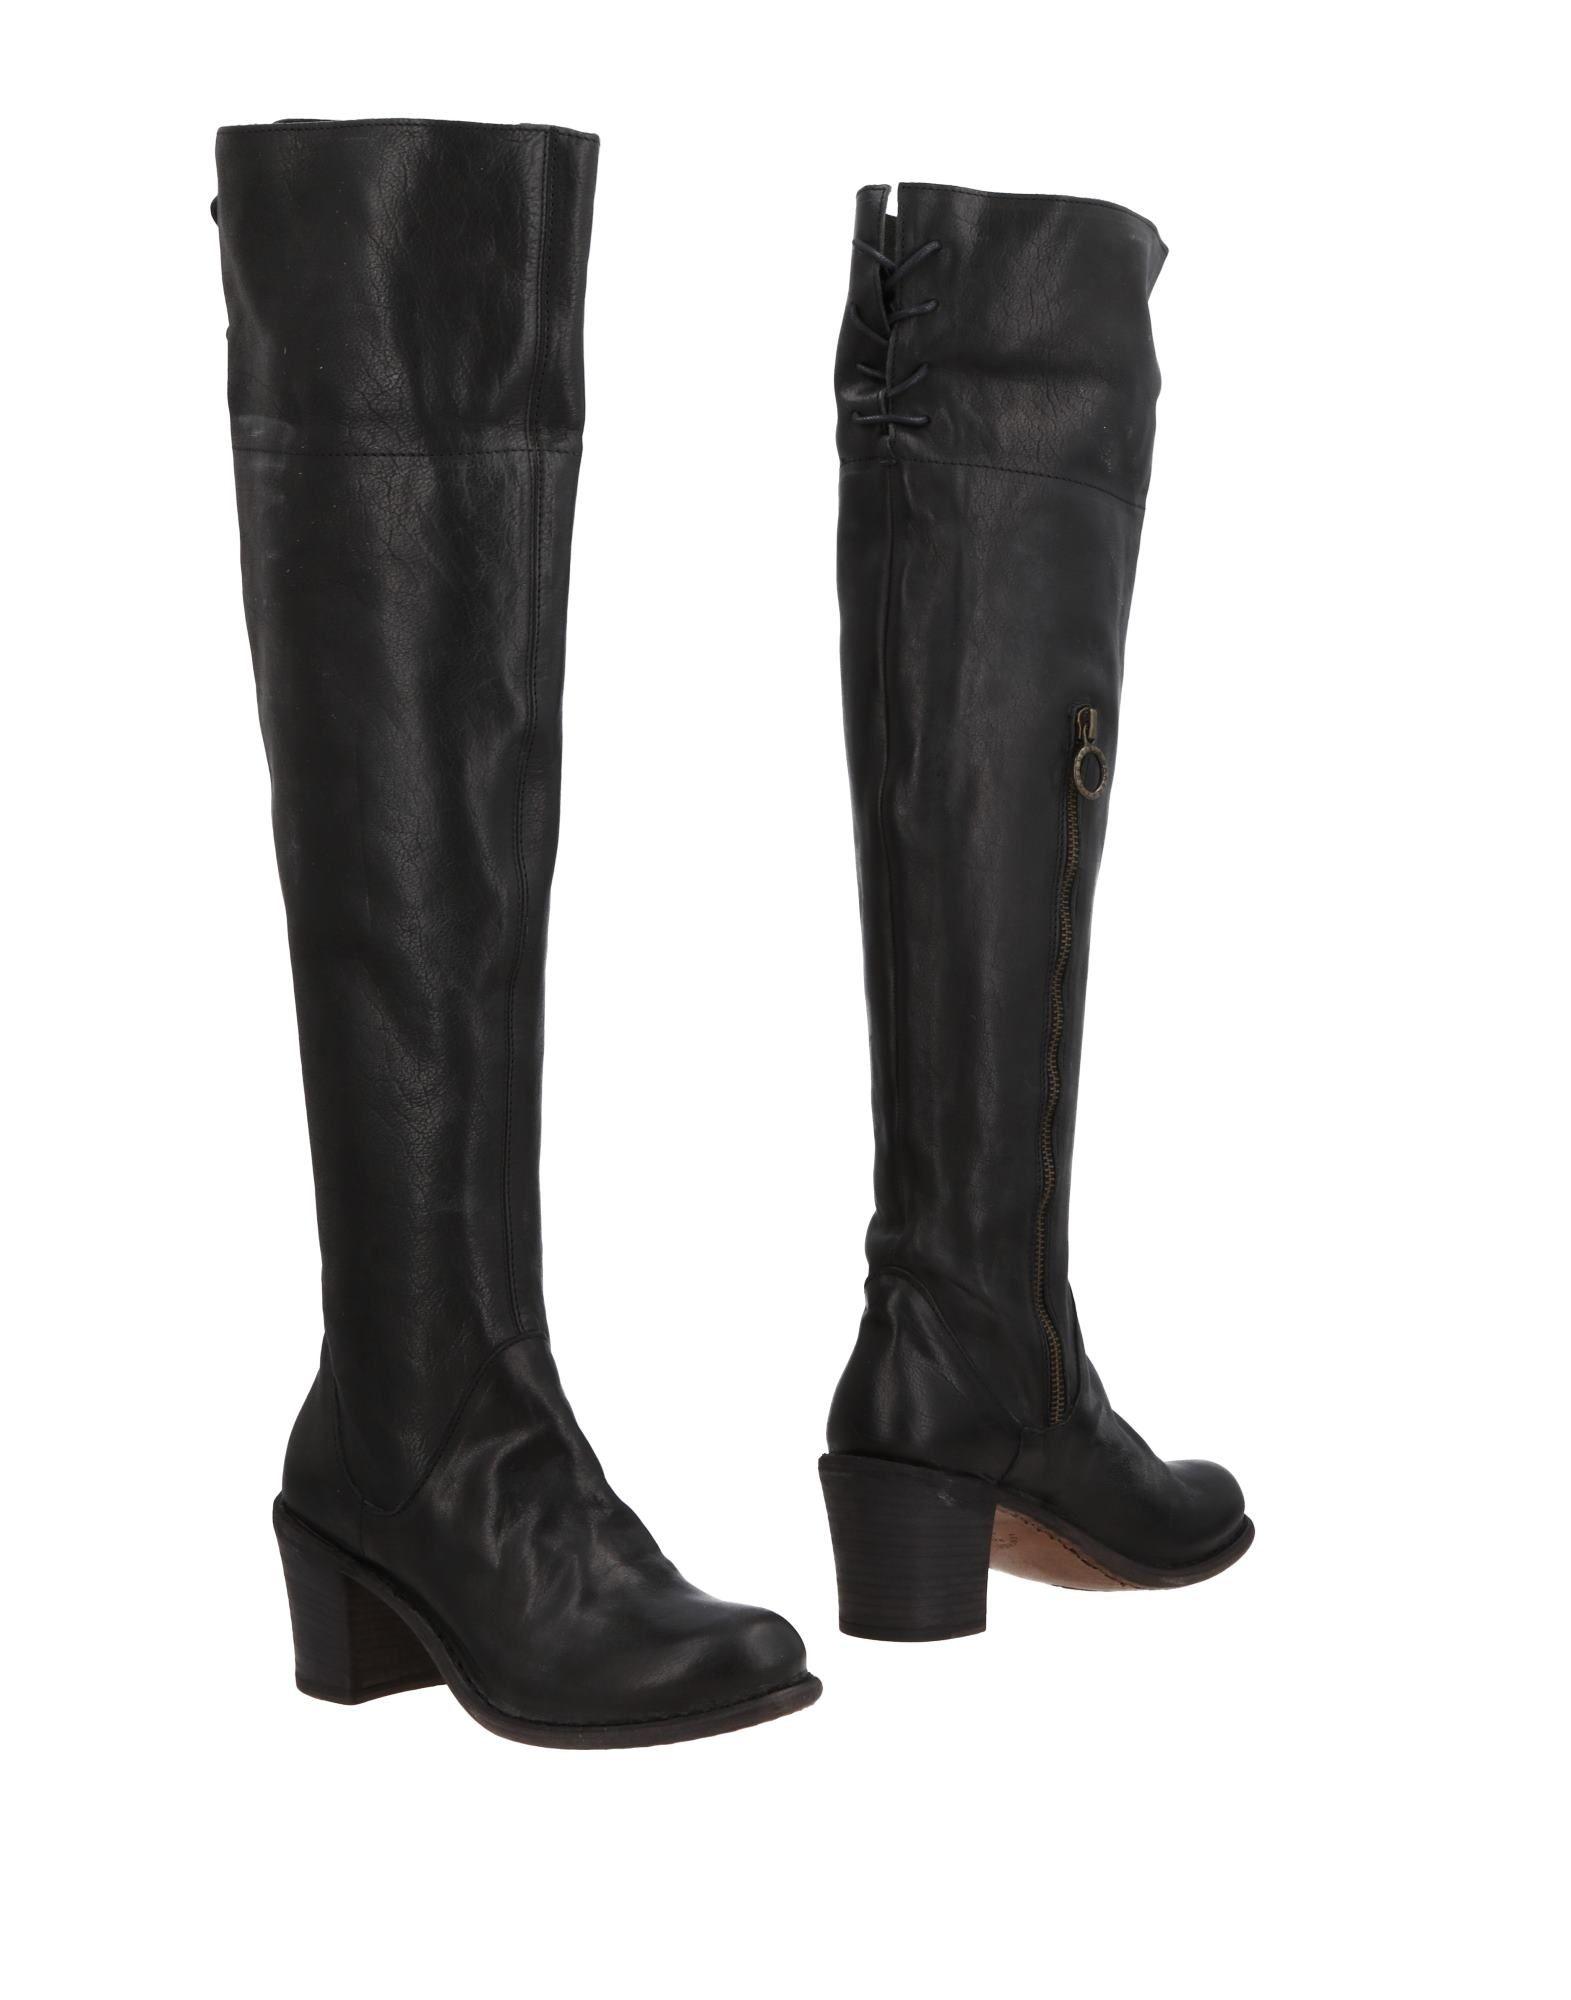 Billig-3671,Fiorentini+Baker Stiefel lohnt Damen Gutes Preis-Leistungs-Verhältnis, es lohnt Stiefel sich b78574